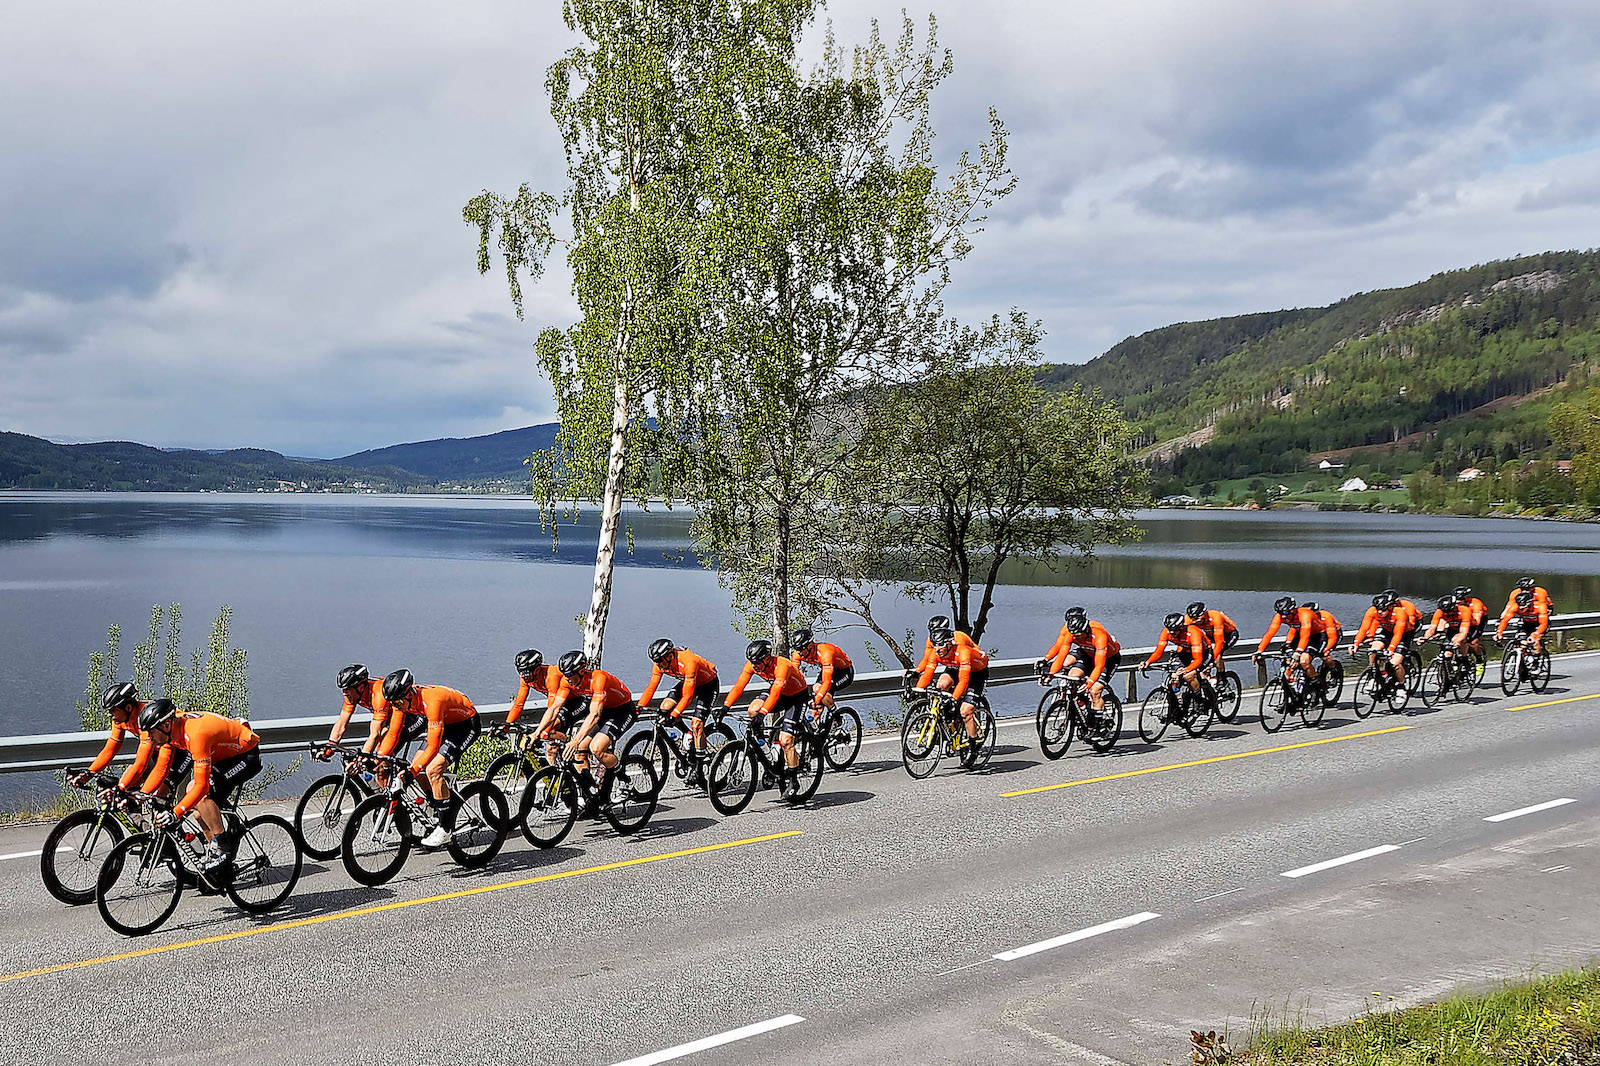 PÅMELDT: Kjekkas er klare for Lillehammer-Oslo på lørdag. Foto: Ola Morken